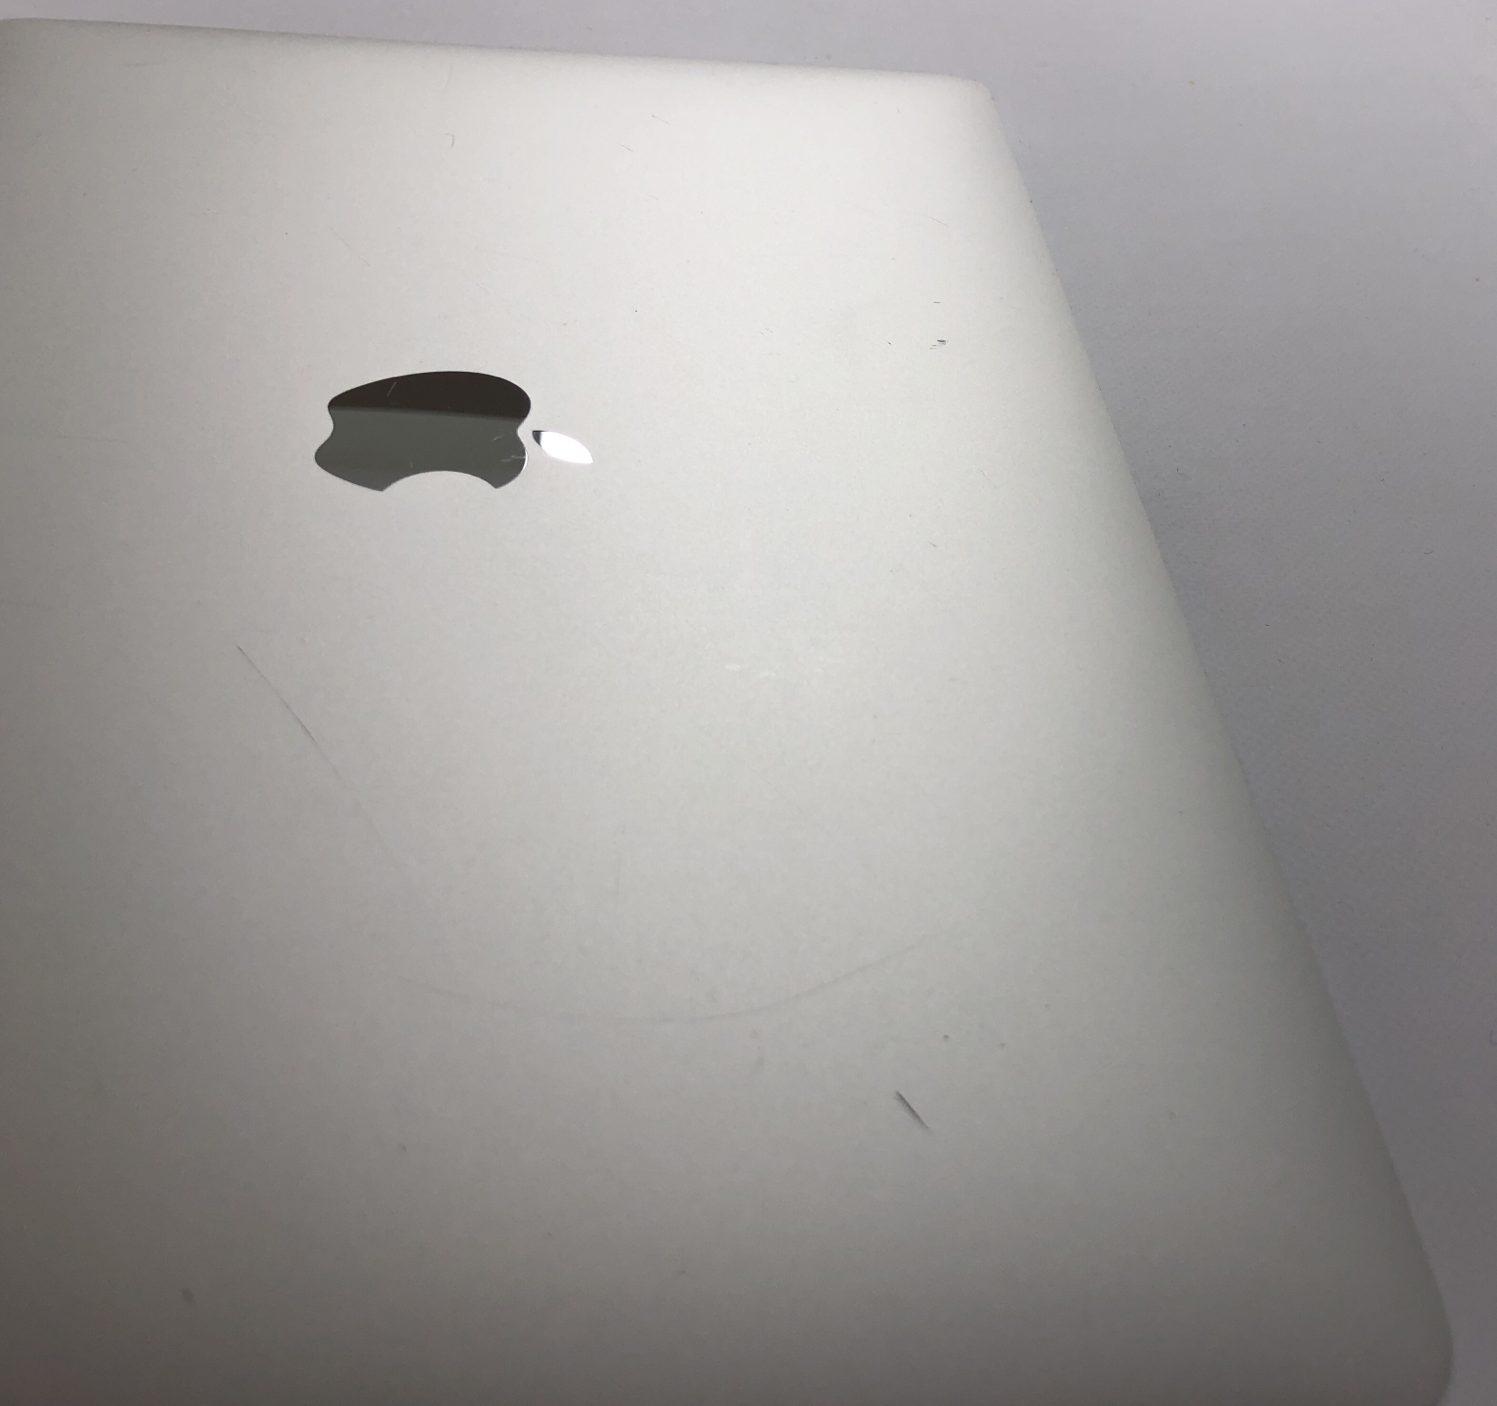 """MacBook Pro 13"""" 2TBT Mid 2017 (Intel Core i5 2.3 GHz 8 GB RAM 256 GB SSD), Silver, Intel Core i5 2.3 GHz, 8 GB RAM, 256 GB SSD, bild 3"""